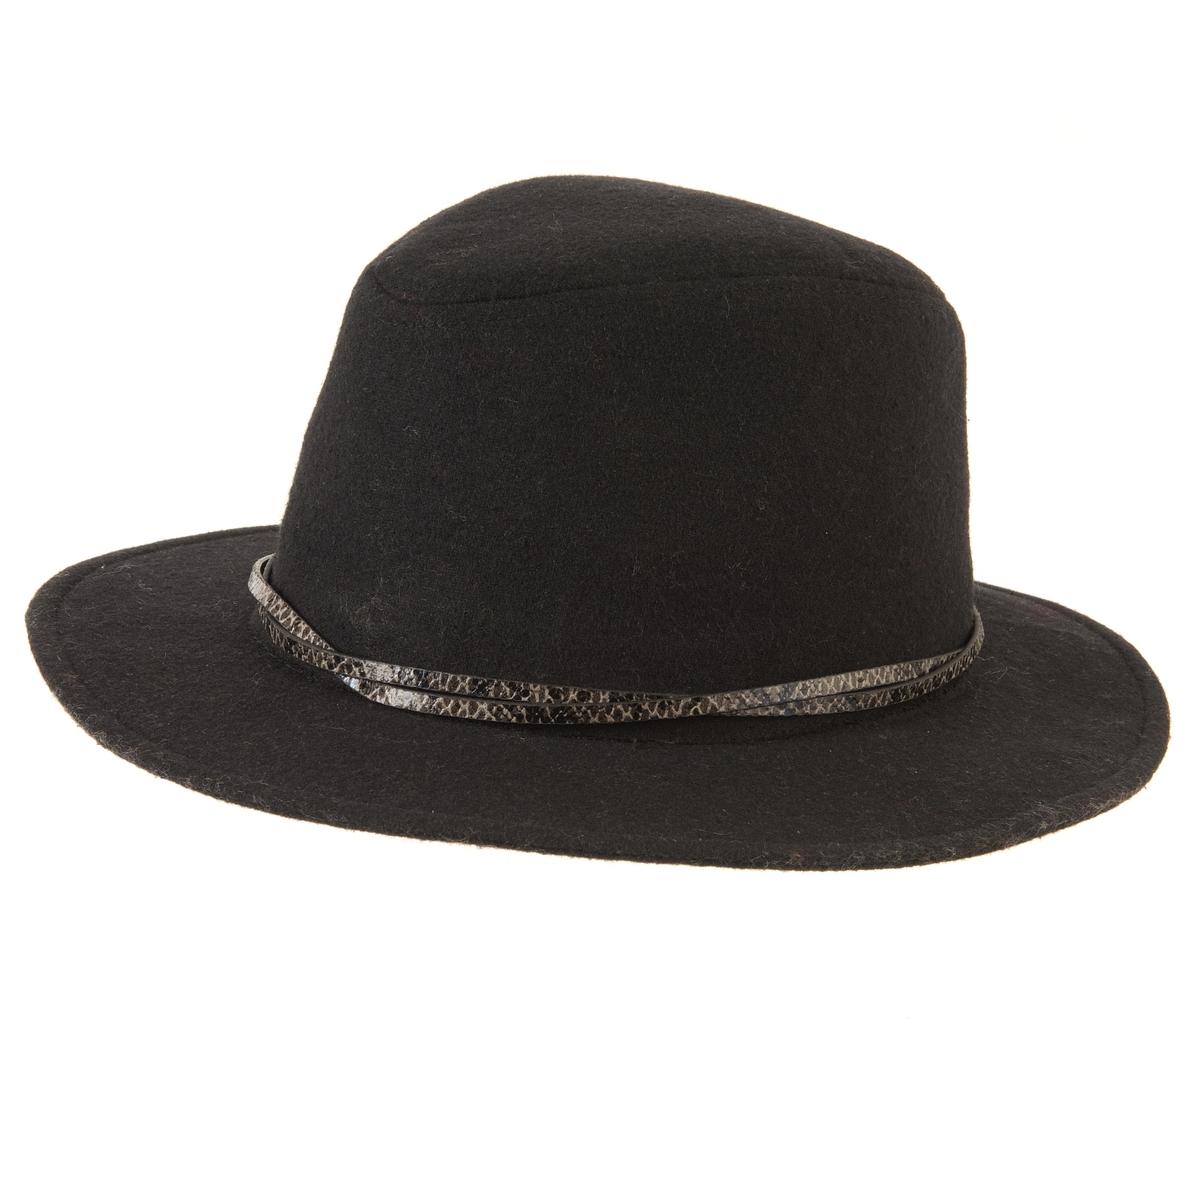 Шляпа FedoraНезаменимый предмет гардероба в этом сезоне, шляпа Fedora -  это сенсация: модная шляпа, подчеркивающая и придающая великолепие Вашему лицу. Состав и описание Материал: 100% фланель. Размеры:  единый Уход : Следуйте рекомендациям по уходу, указанным на этикетке изделия.<br><br>Цвет: черный<br>Размер: единый размер